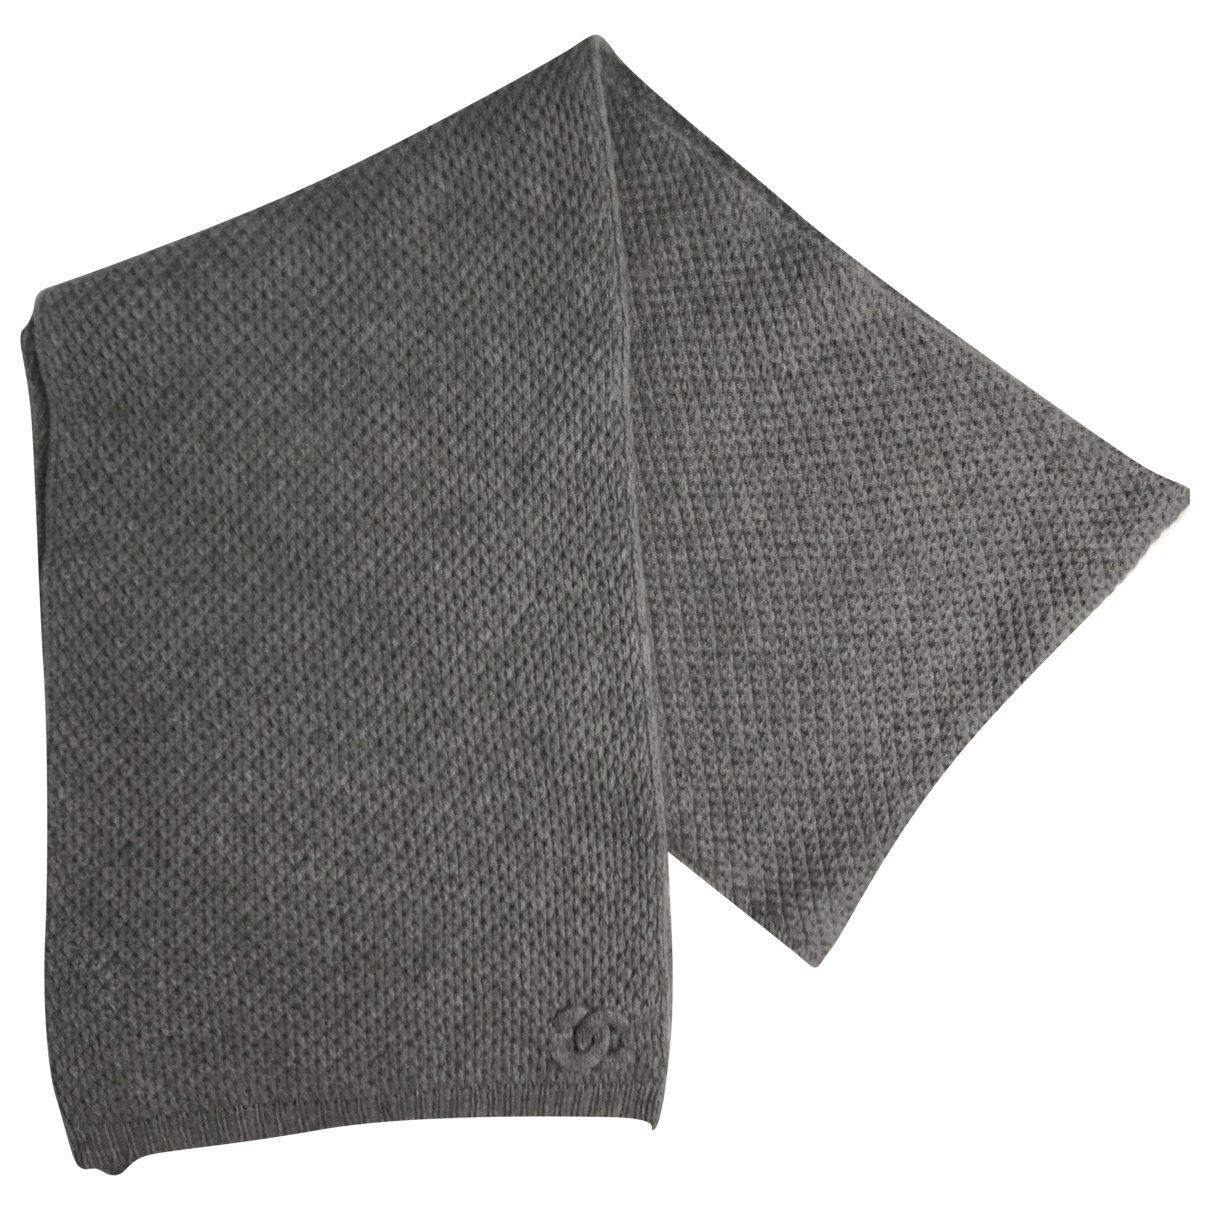 Chanel - Foulard   pour femme en cachemire - gris